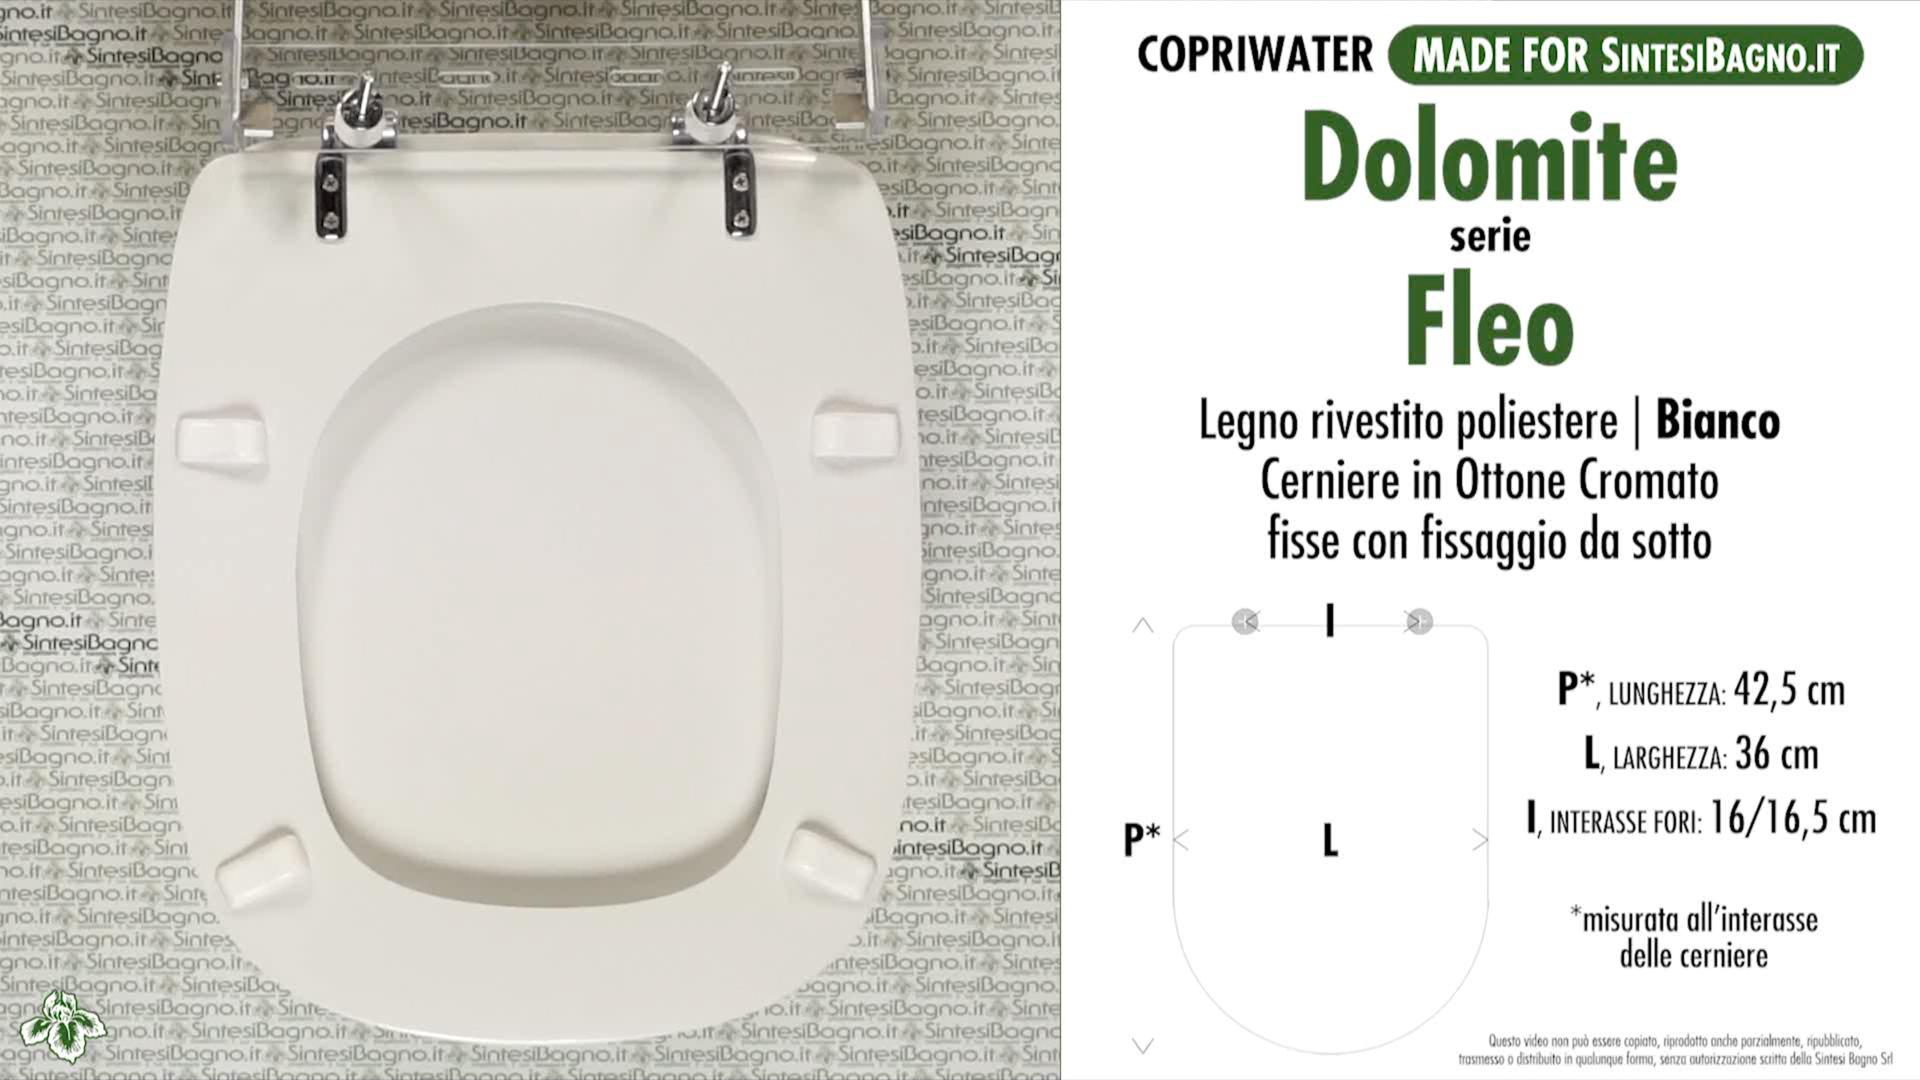 Sedile Wc Dolomite Fleo.Schede Tecniche Misure Copriwater Dolomite Serie Fleo